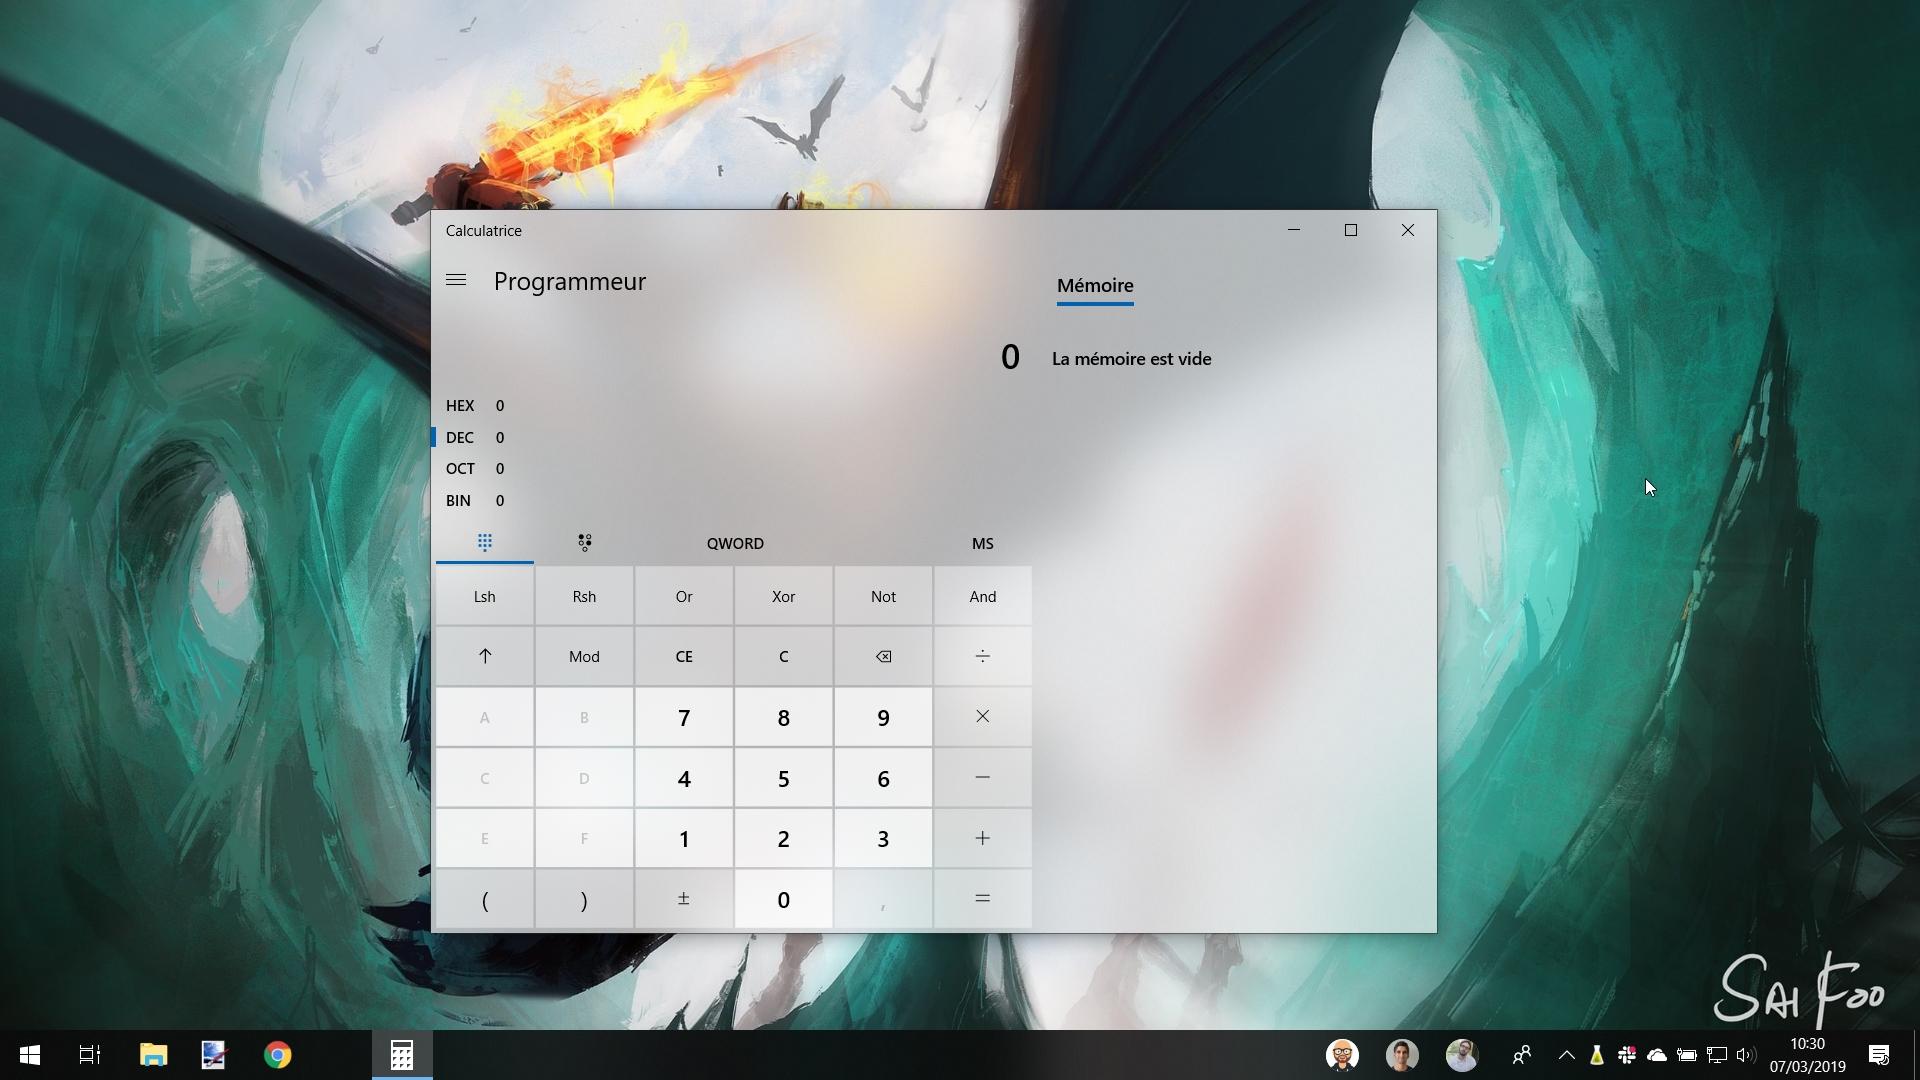 En partageant sa calculatrice, Microsoft prouve que lui et l'open source ne font plus deux